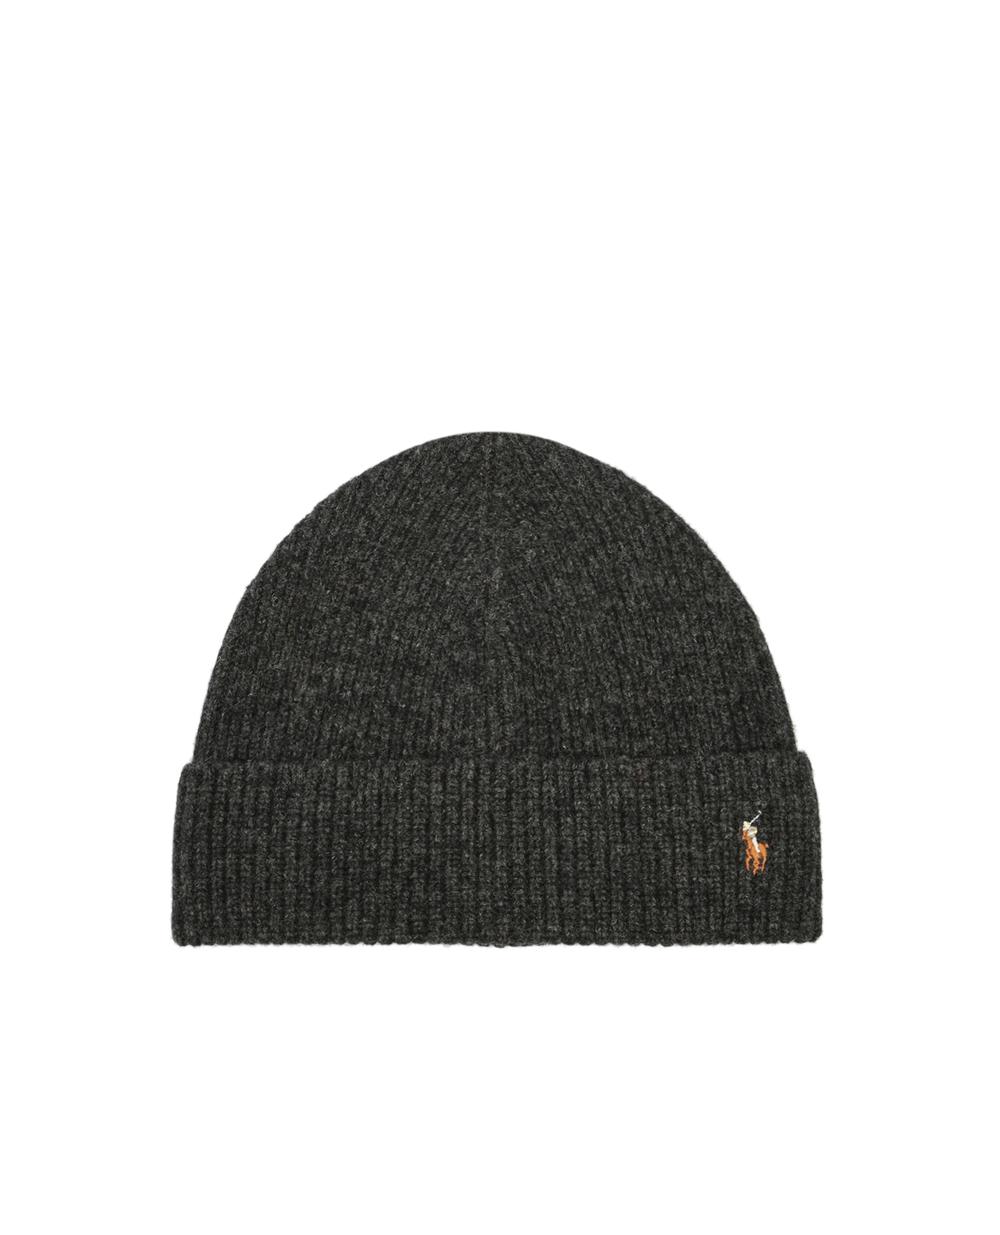 Шерстяная шапка Polo Ralph Lauren 449775524007 — Kameron